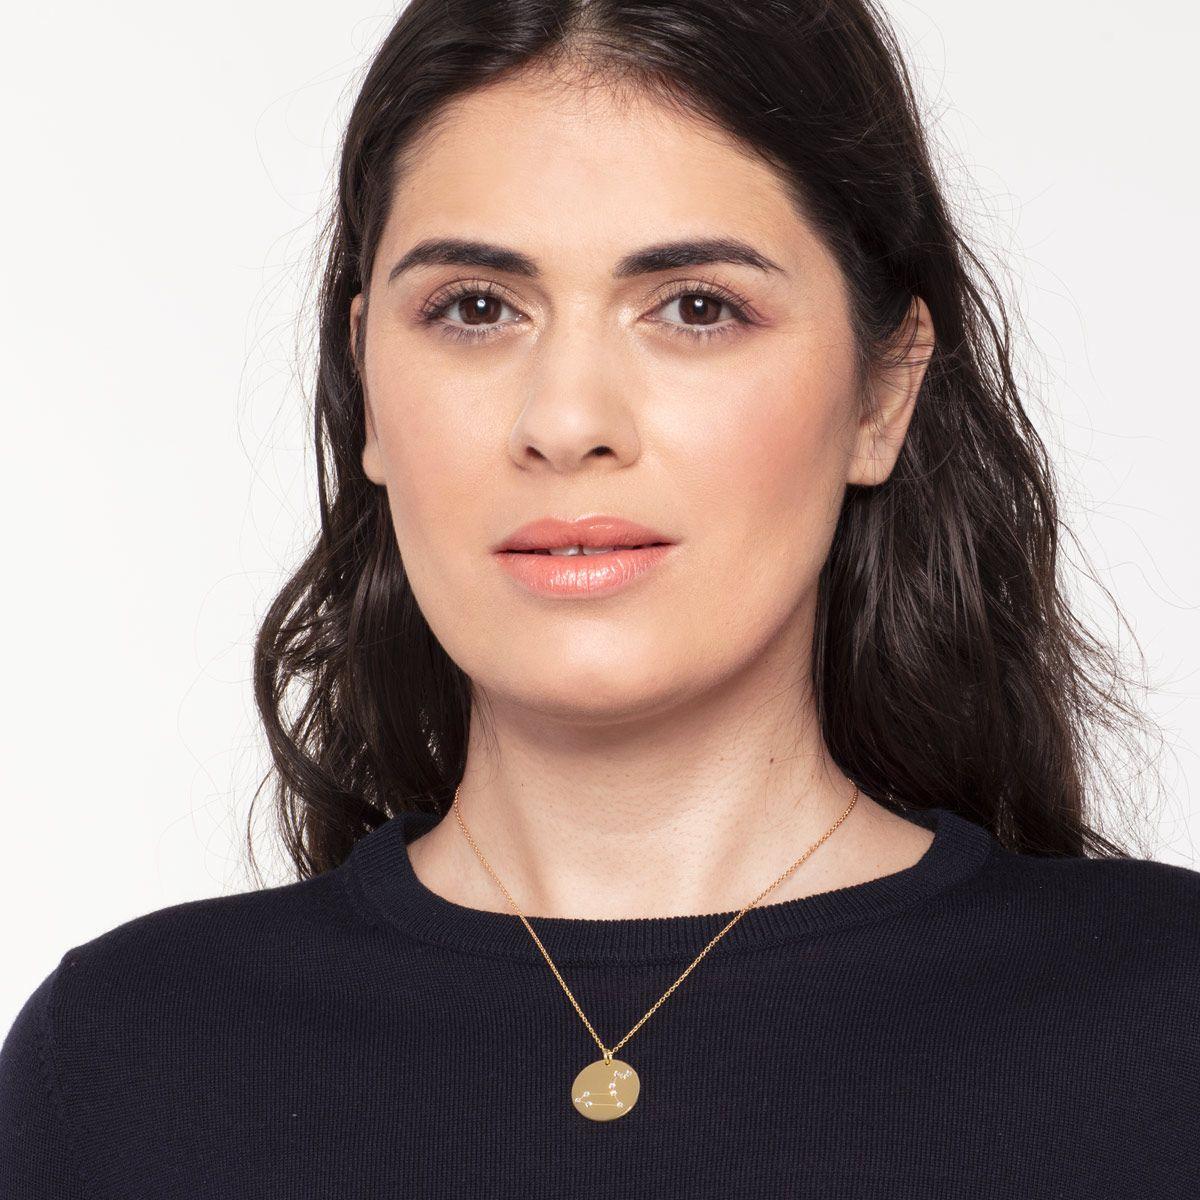 Vivi - Halsketten - 18k vergoldet